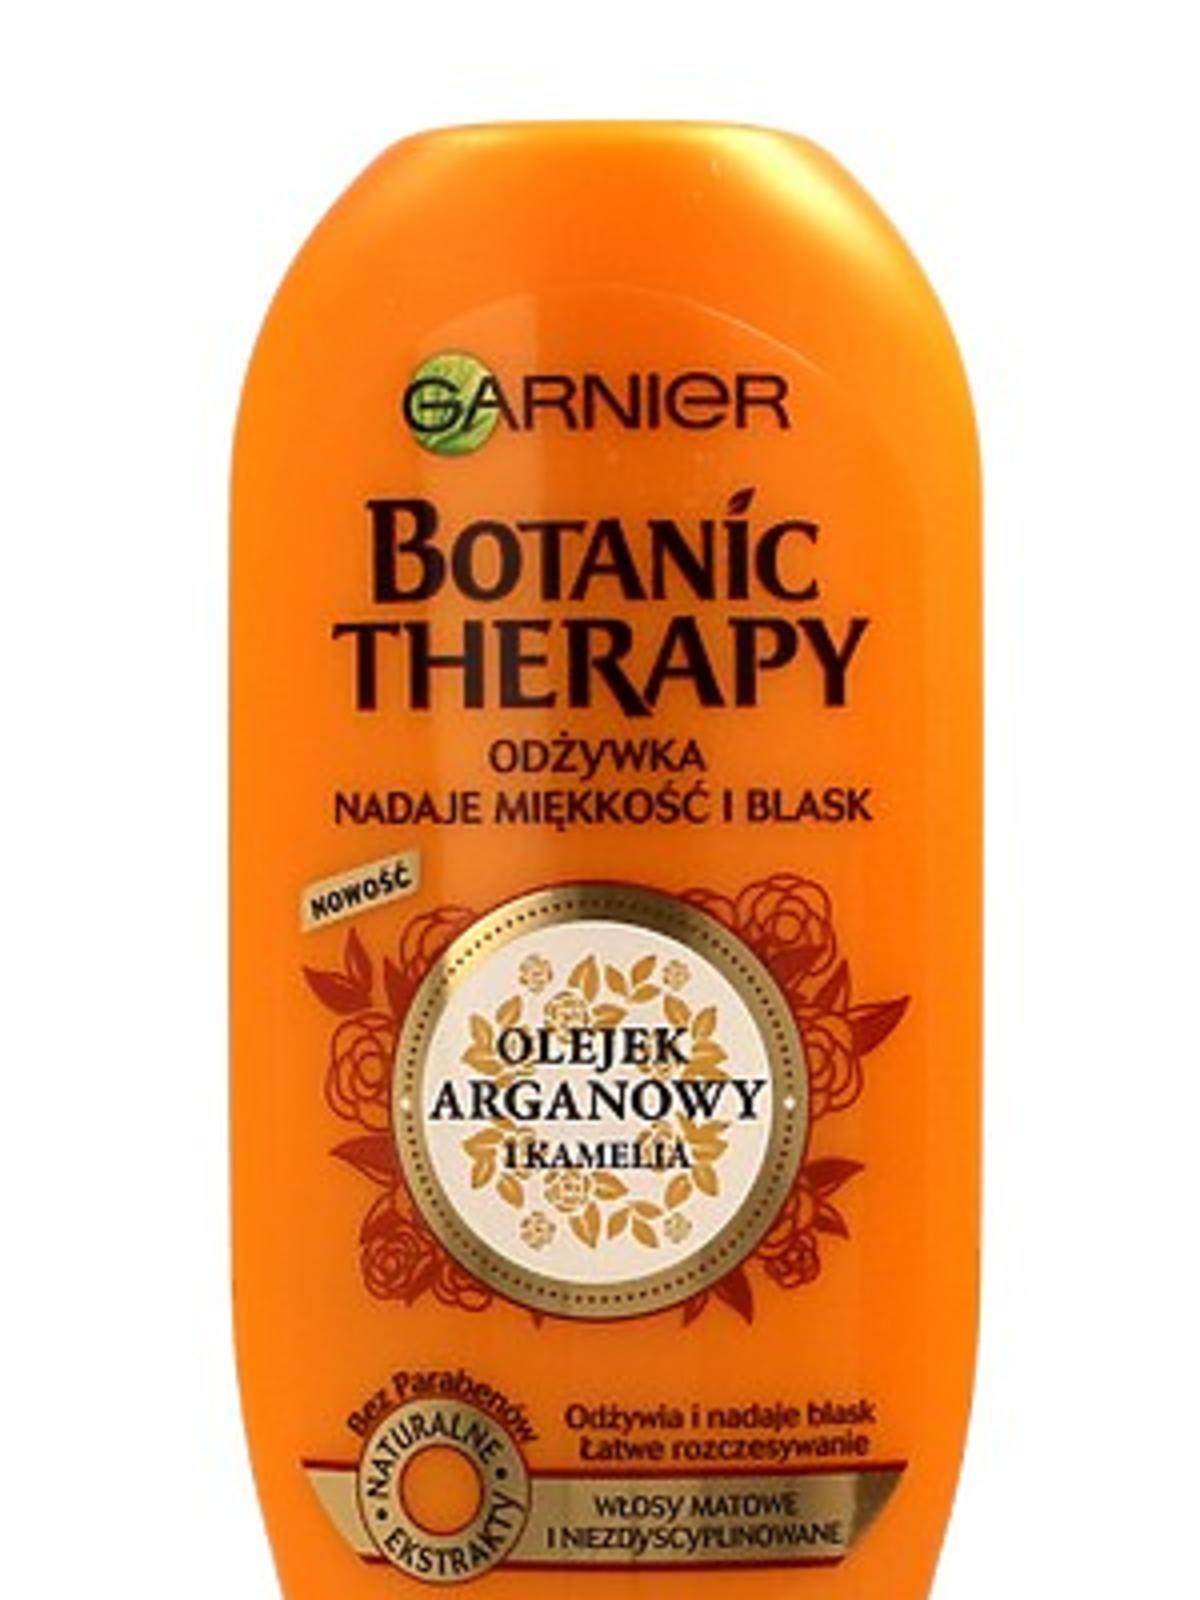 Garnier, Botanic Therapy, Olejek Arganowy i Kamelia, Odżywka do włosów nadająca miękkość i blask